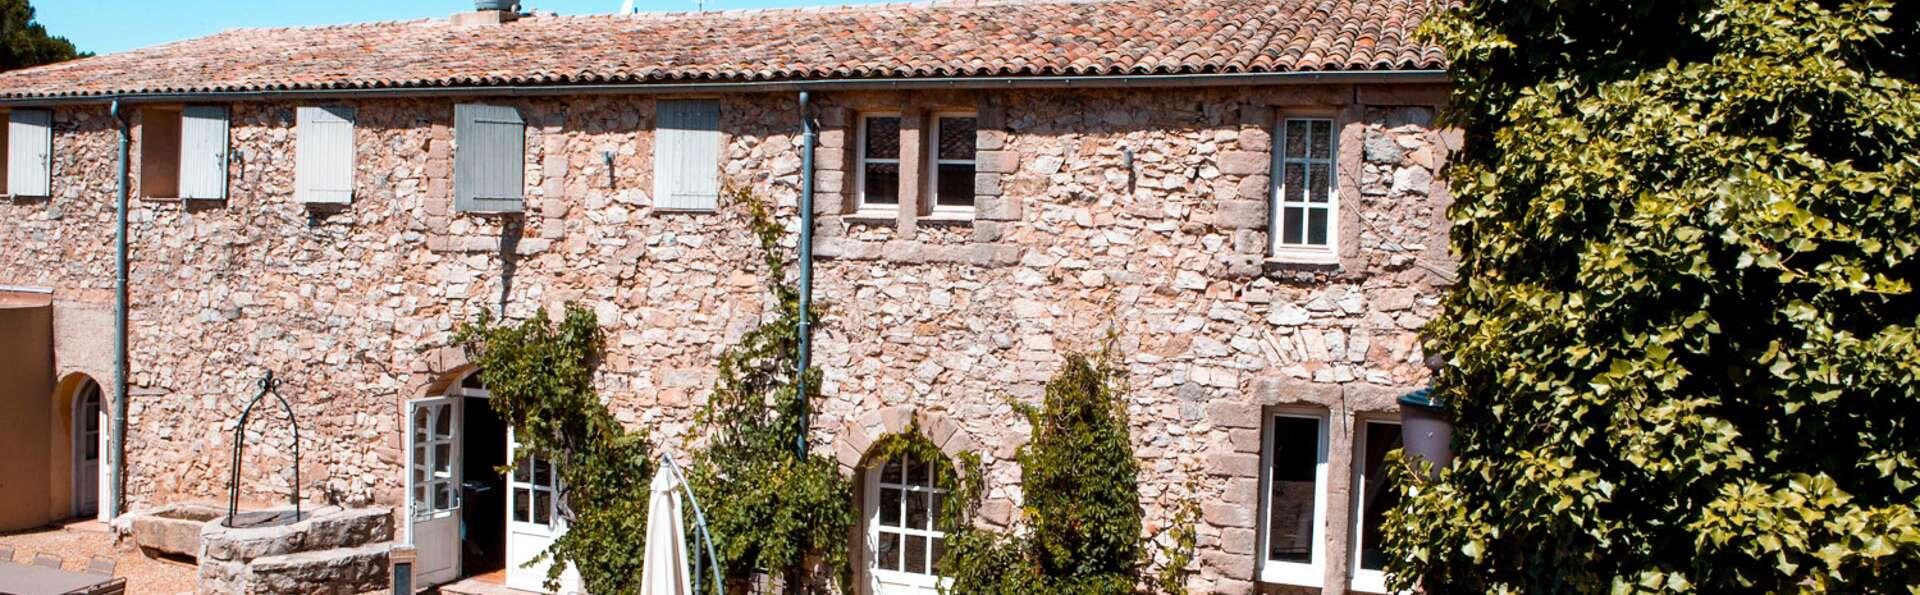 Escapade gourmande près de Aix-en-Provence